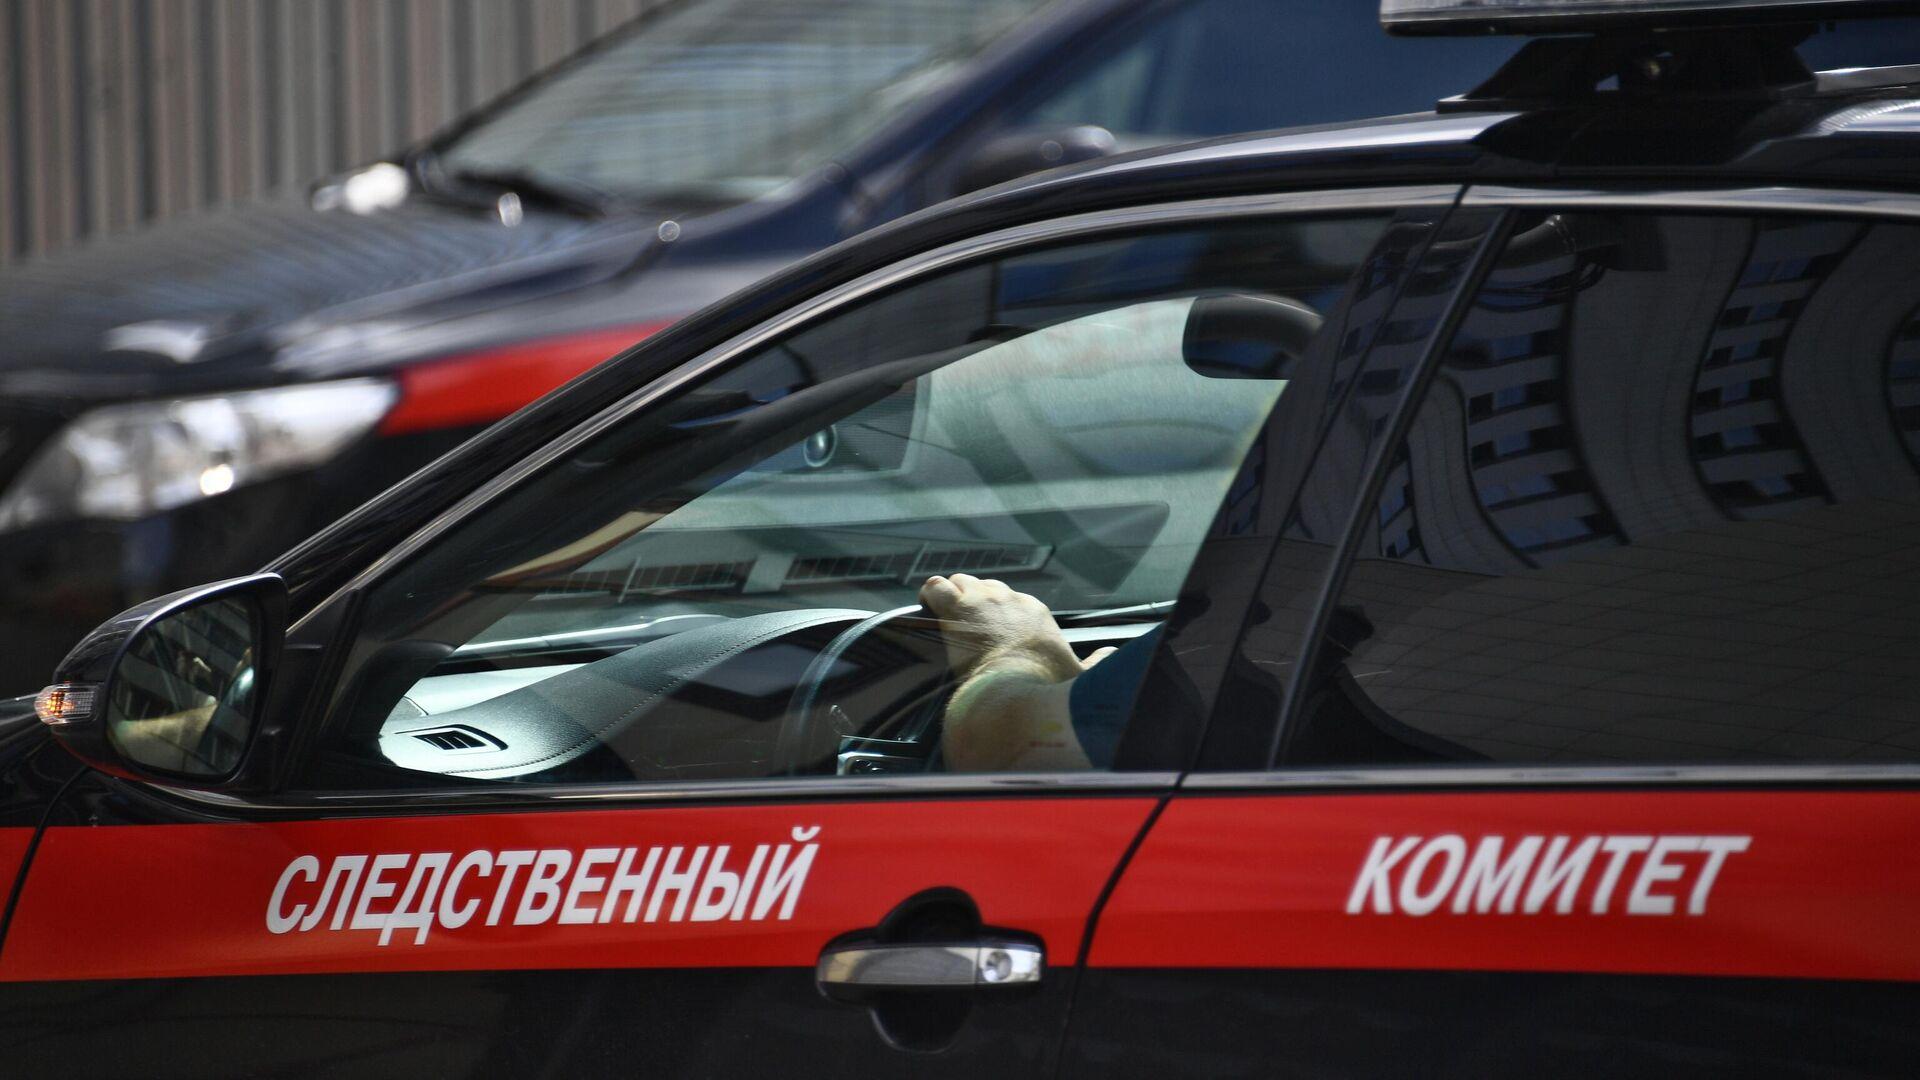 Автомобиль Следственного комитета РФ - РИА Новости, 1920, 04.12.2020